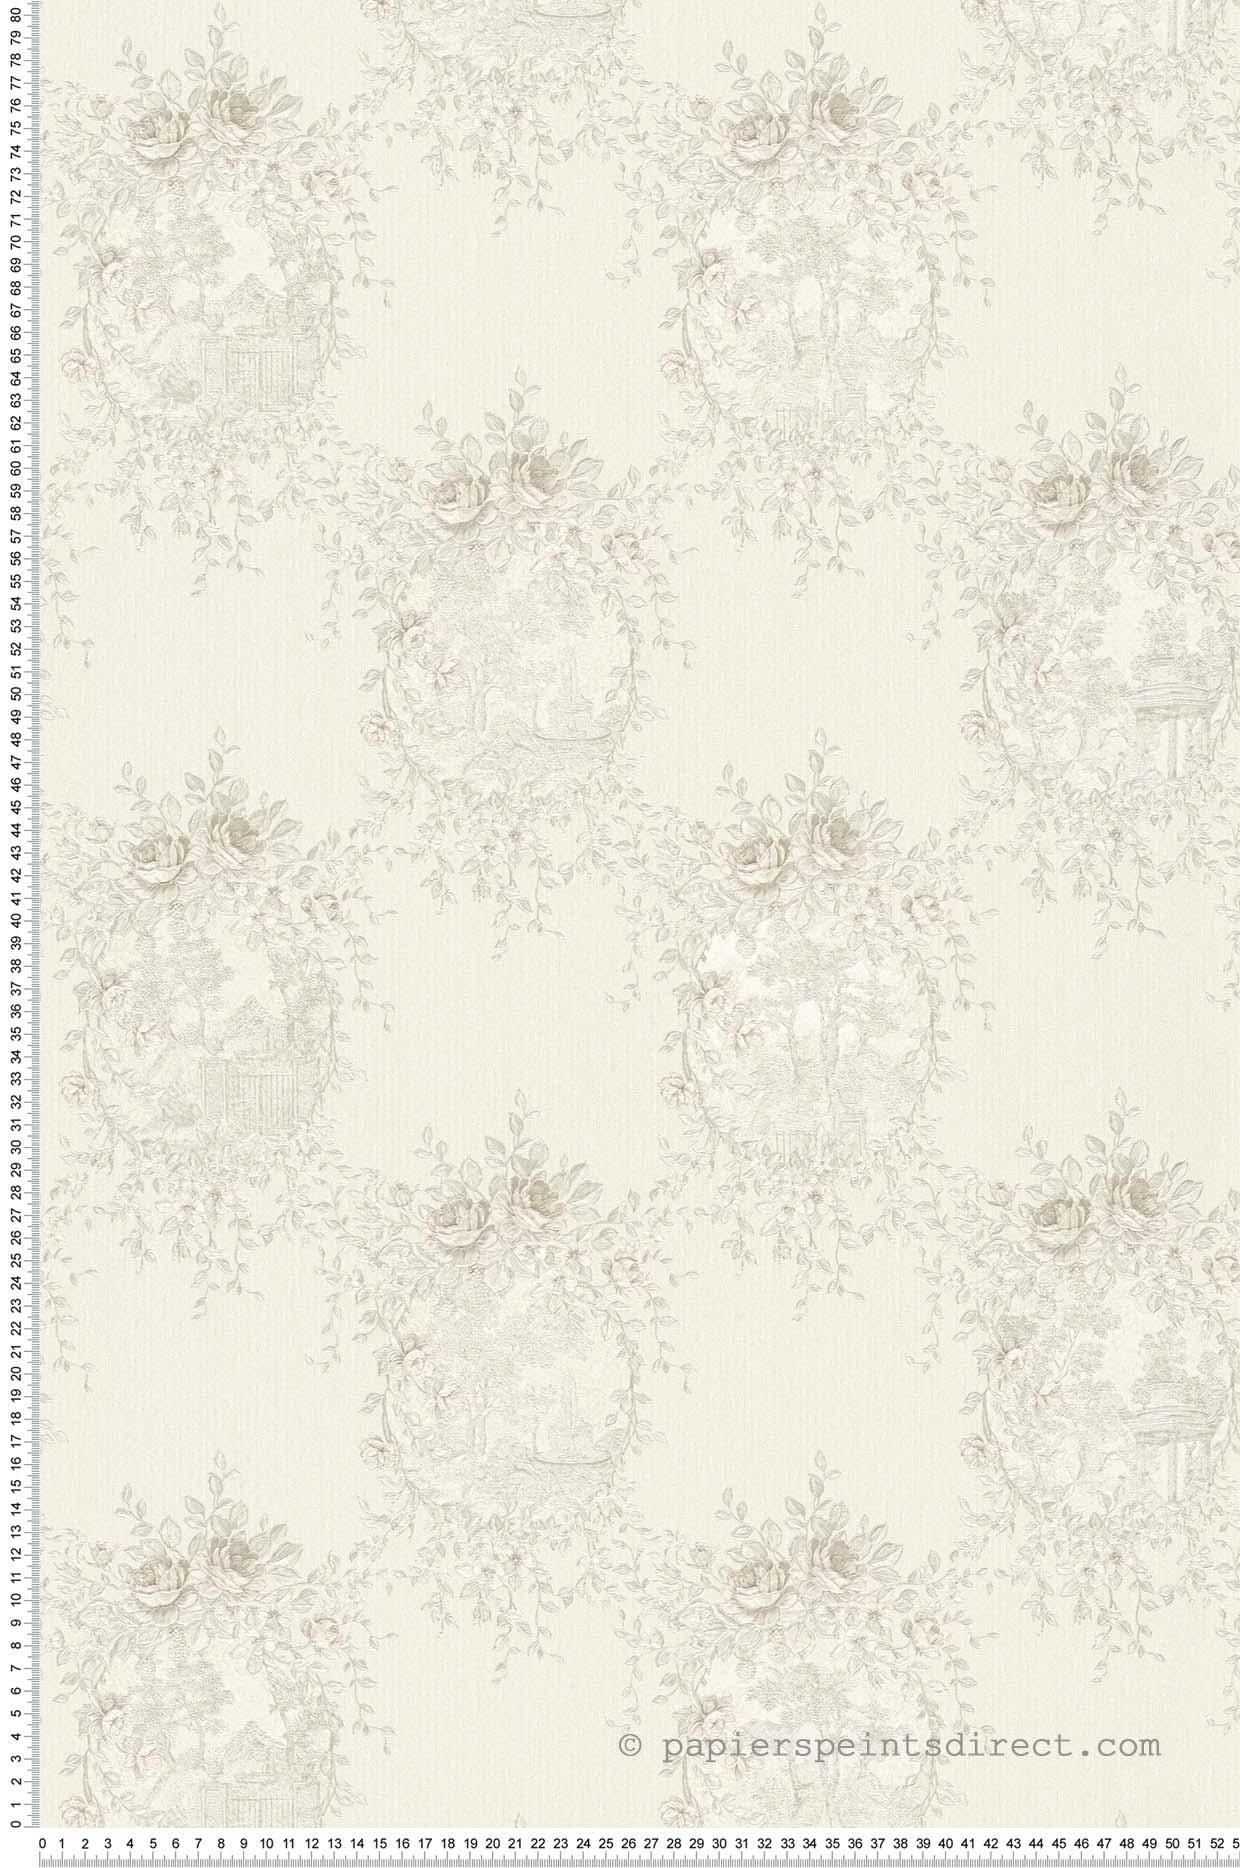 Papier peint Chantilly argent - Château 5 AS Création | Réf. SP04234